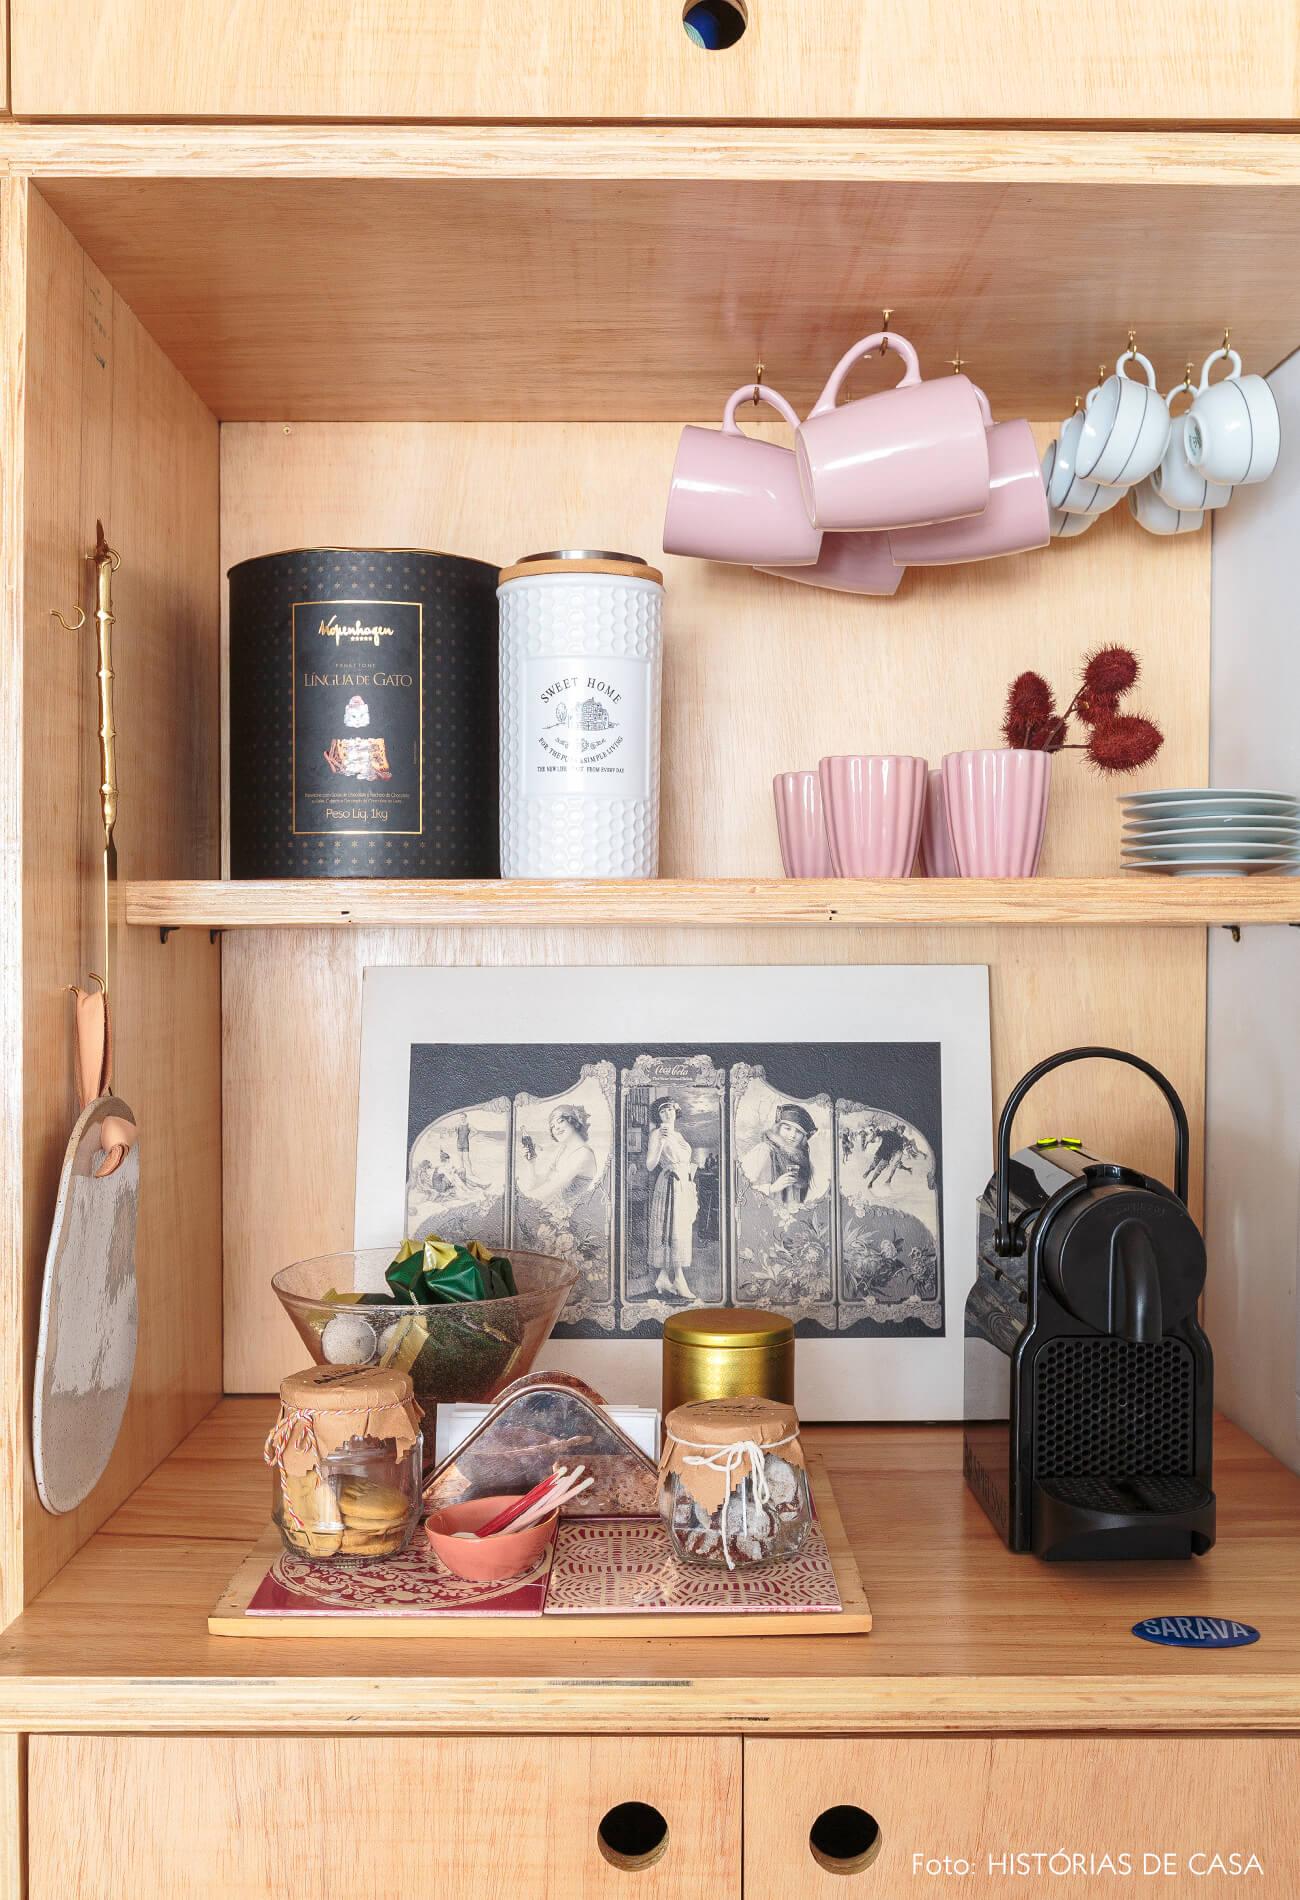 detalhe-cozinha-estnte-madeira-clara-xicaras-rosa